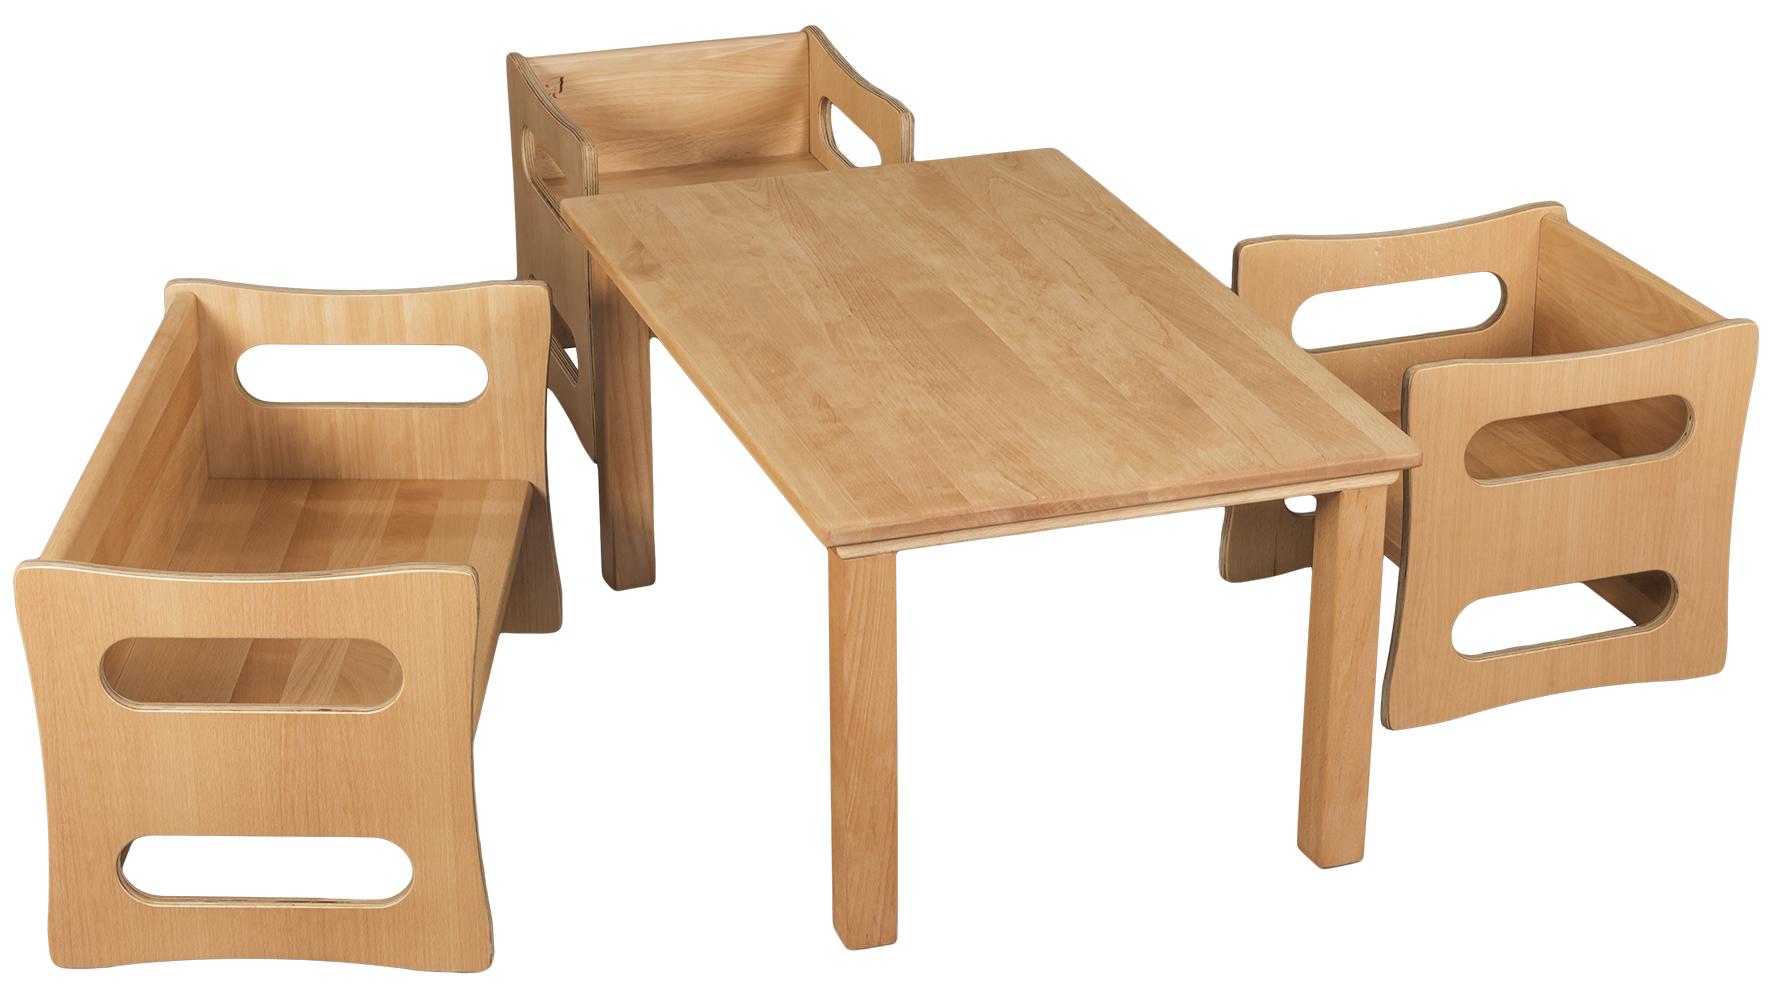 kindertisch set verneuer. Black Bedroom Furniture Sets. Home Design Ideas